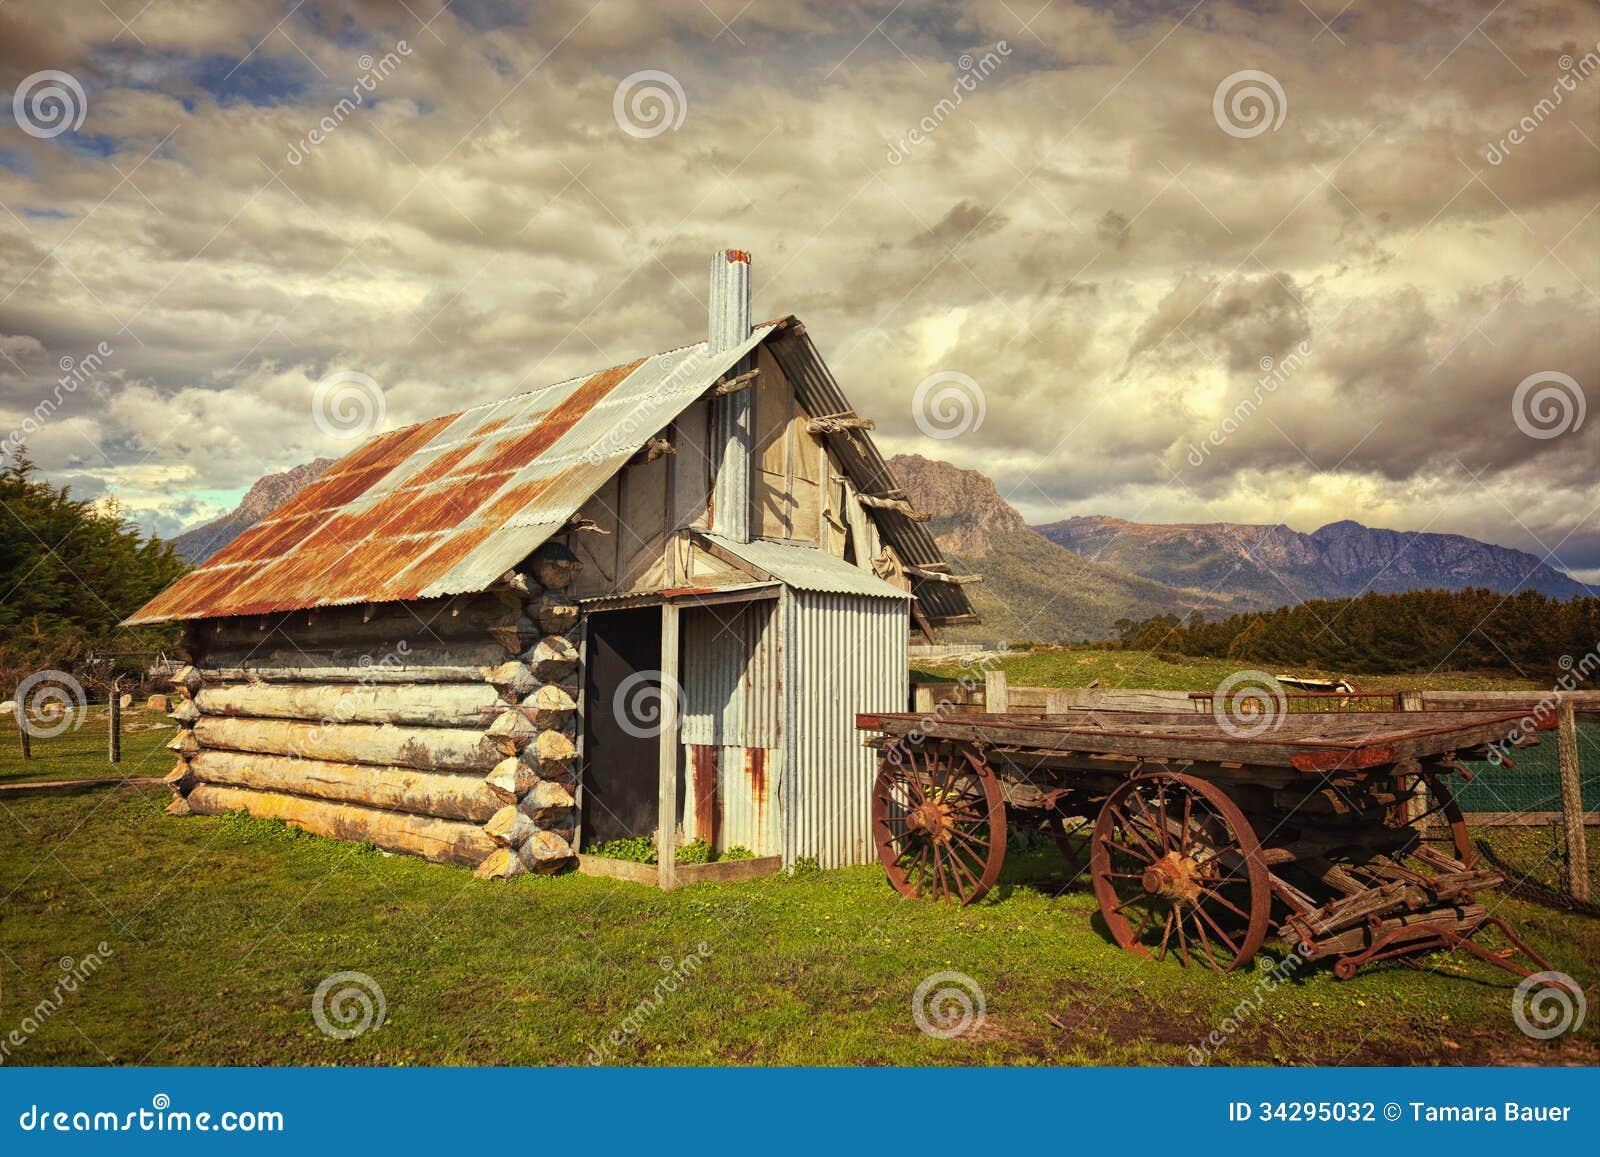 Old shack in Australia